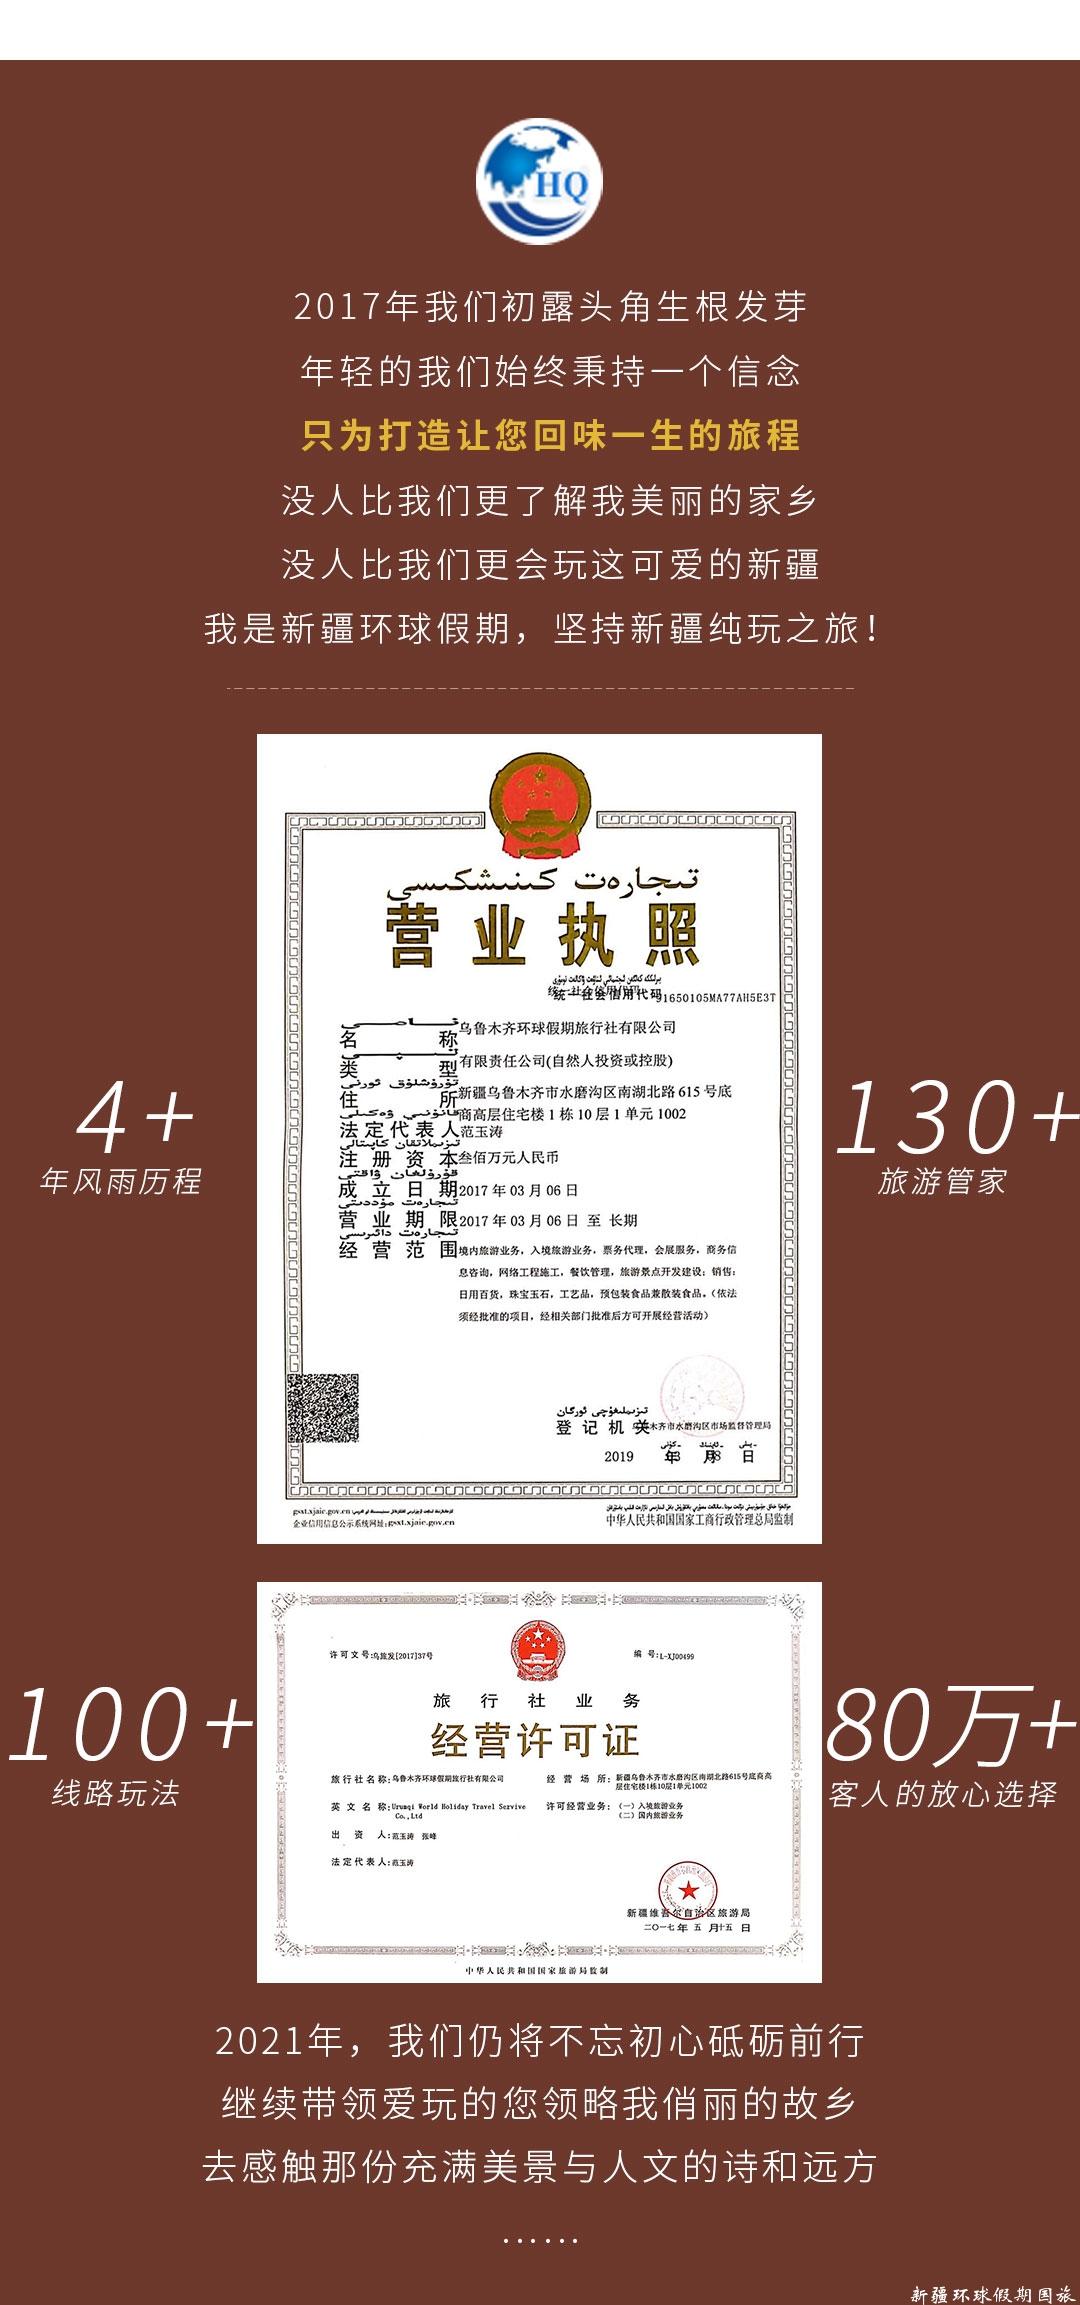 B1-HQB-014加套餐_13